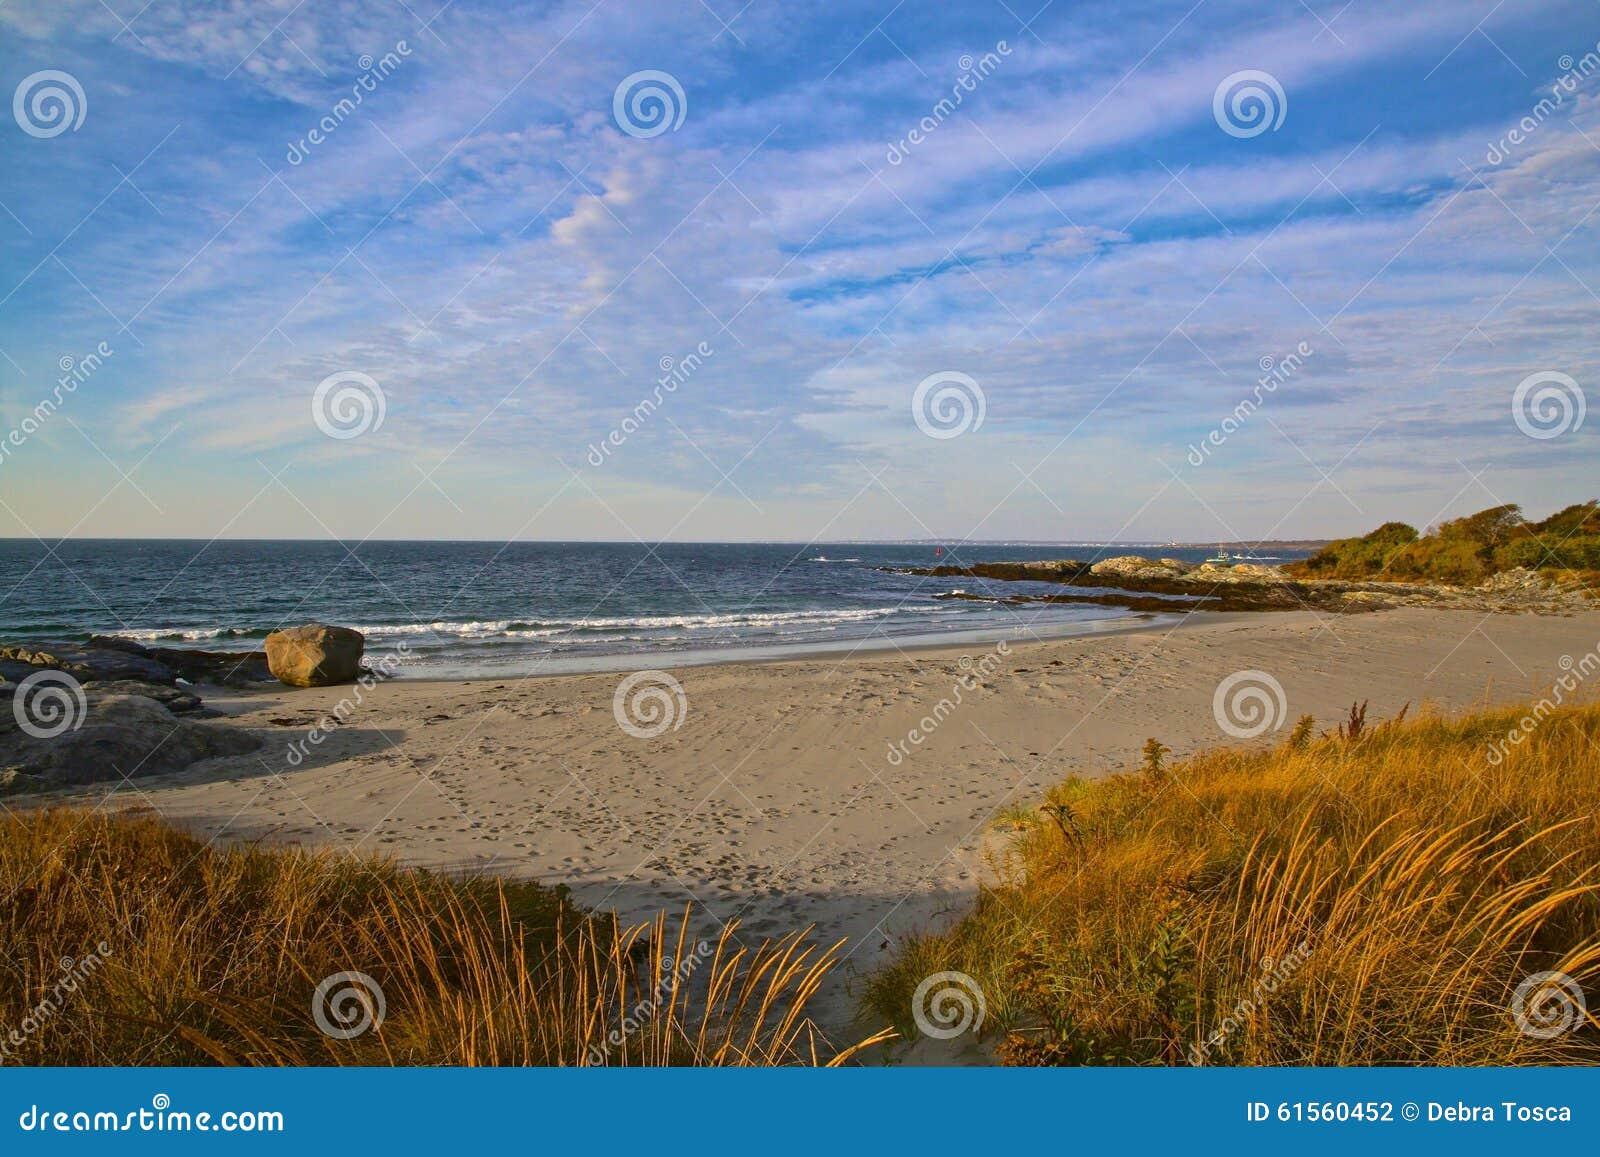 Newport Rhode Island beach